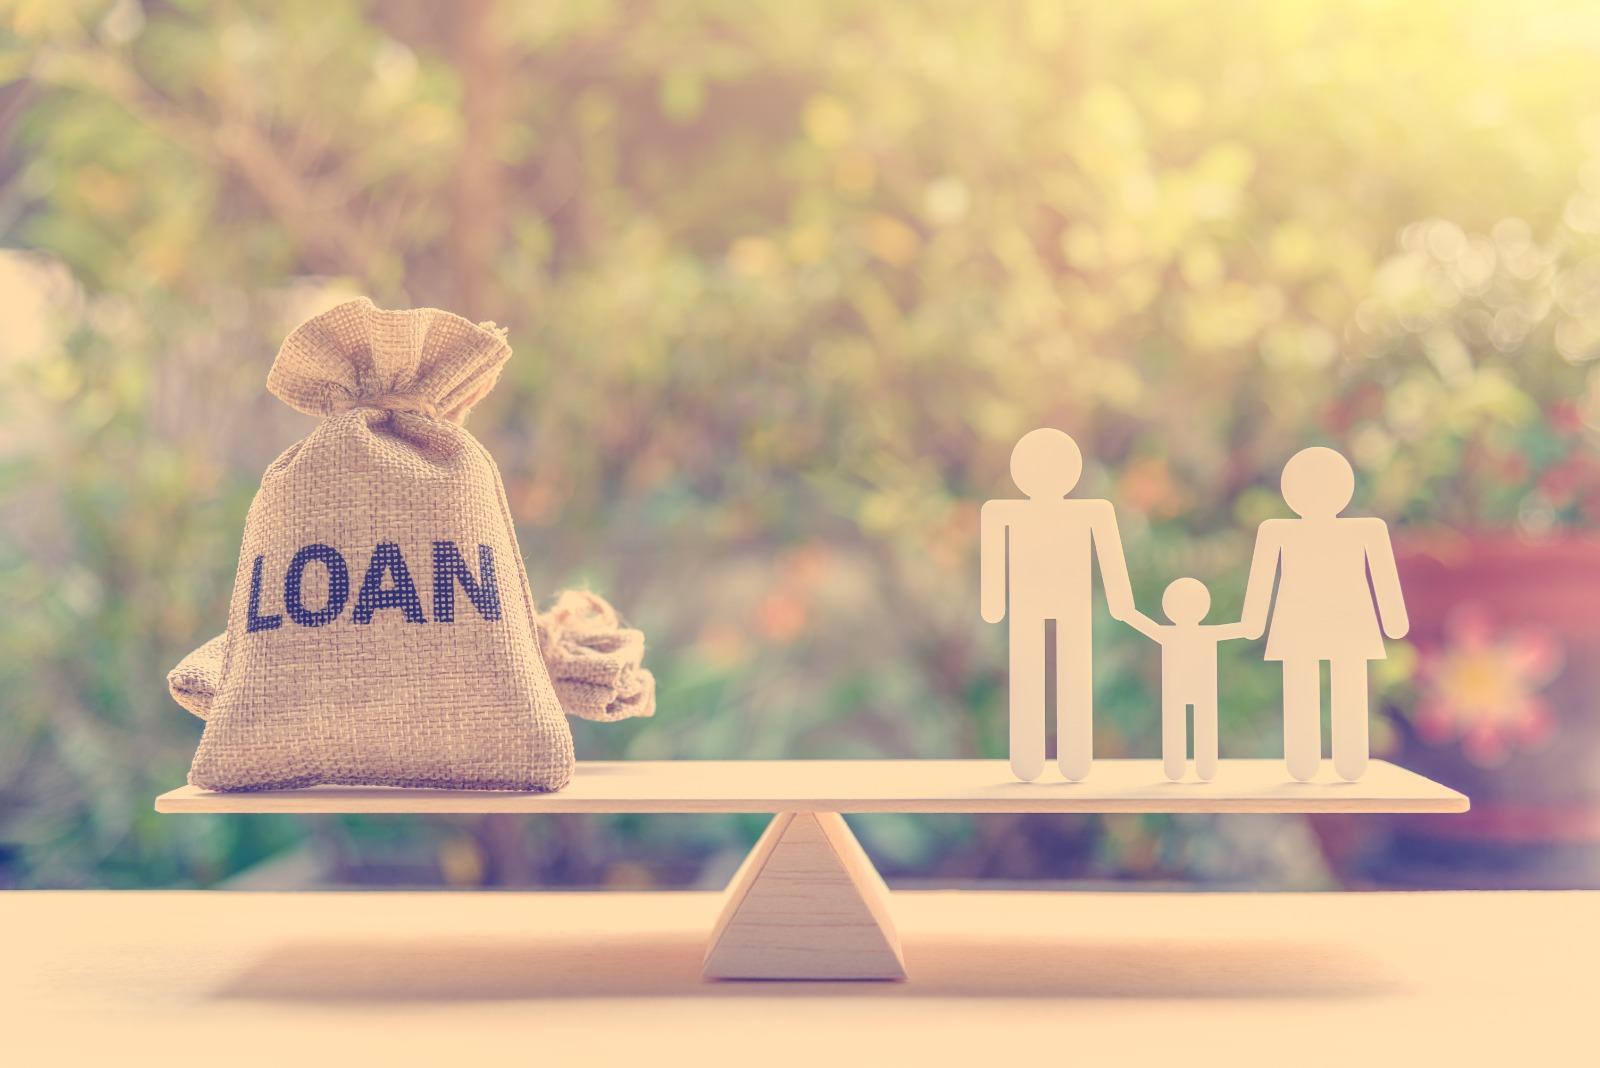 eb5 visa loan